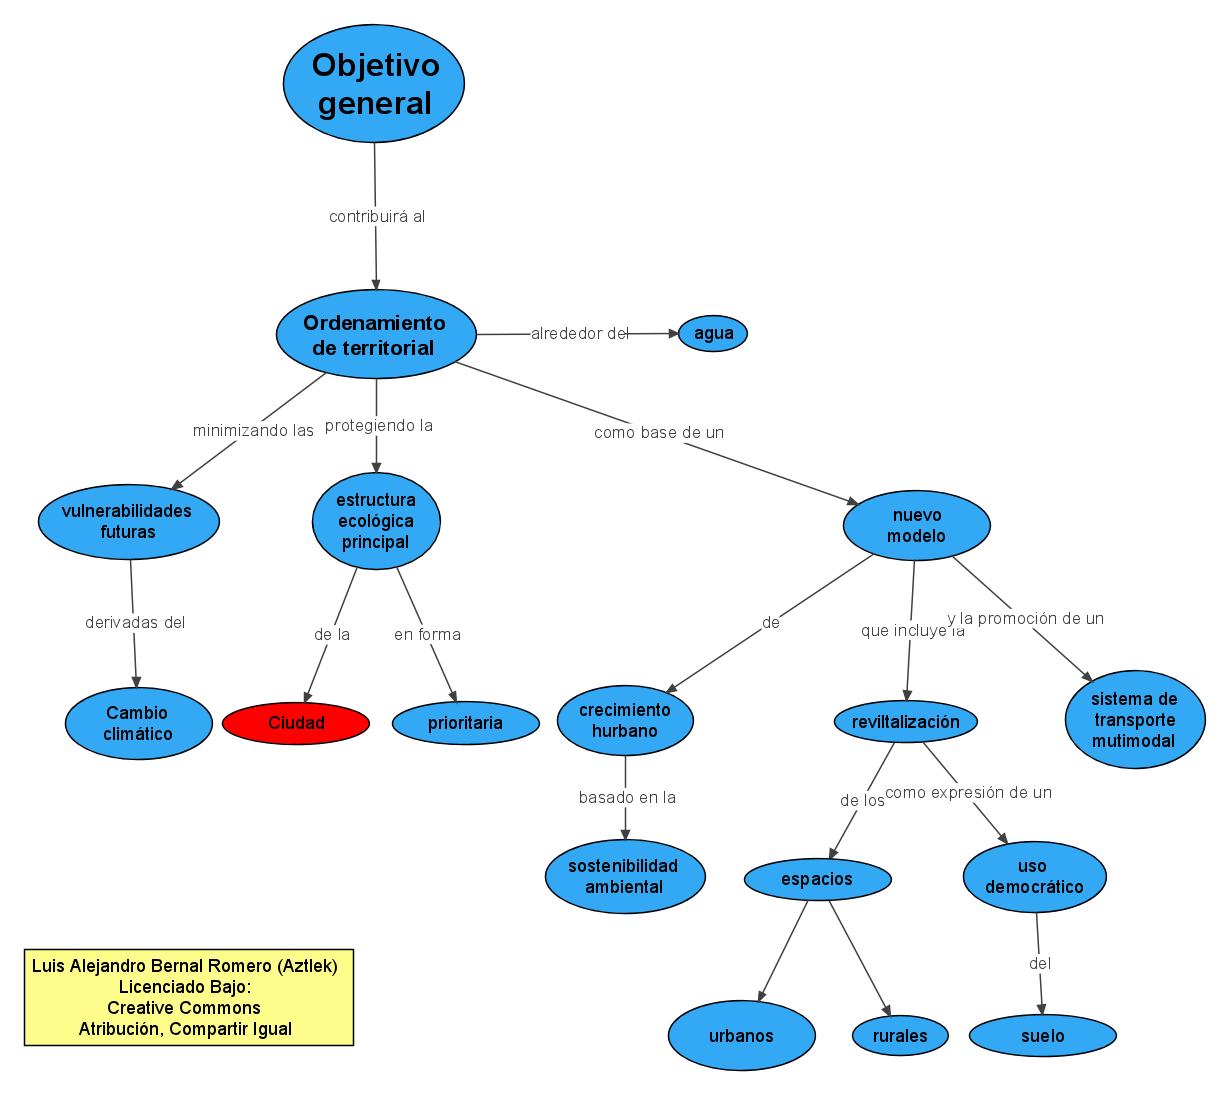 Plan De Desarrollo De Gustavo Petro En Mapas Conceptuales